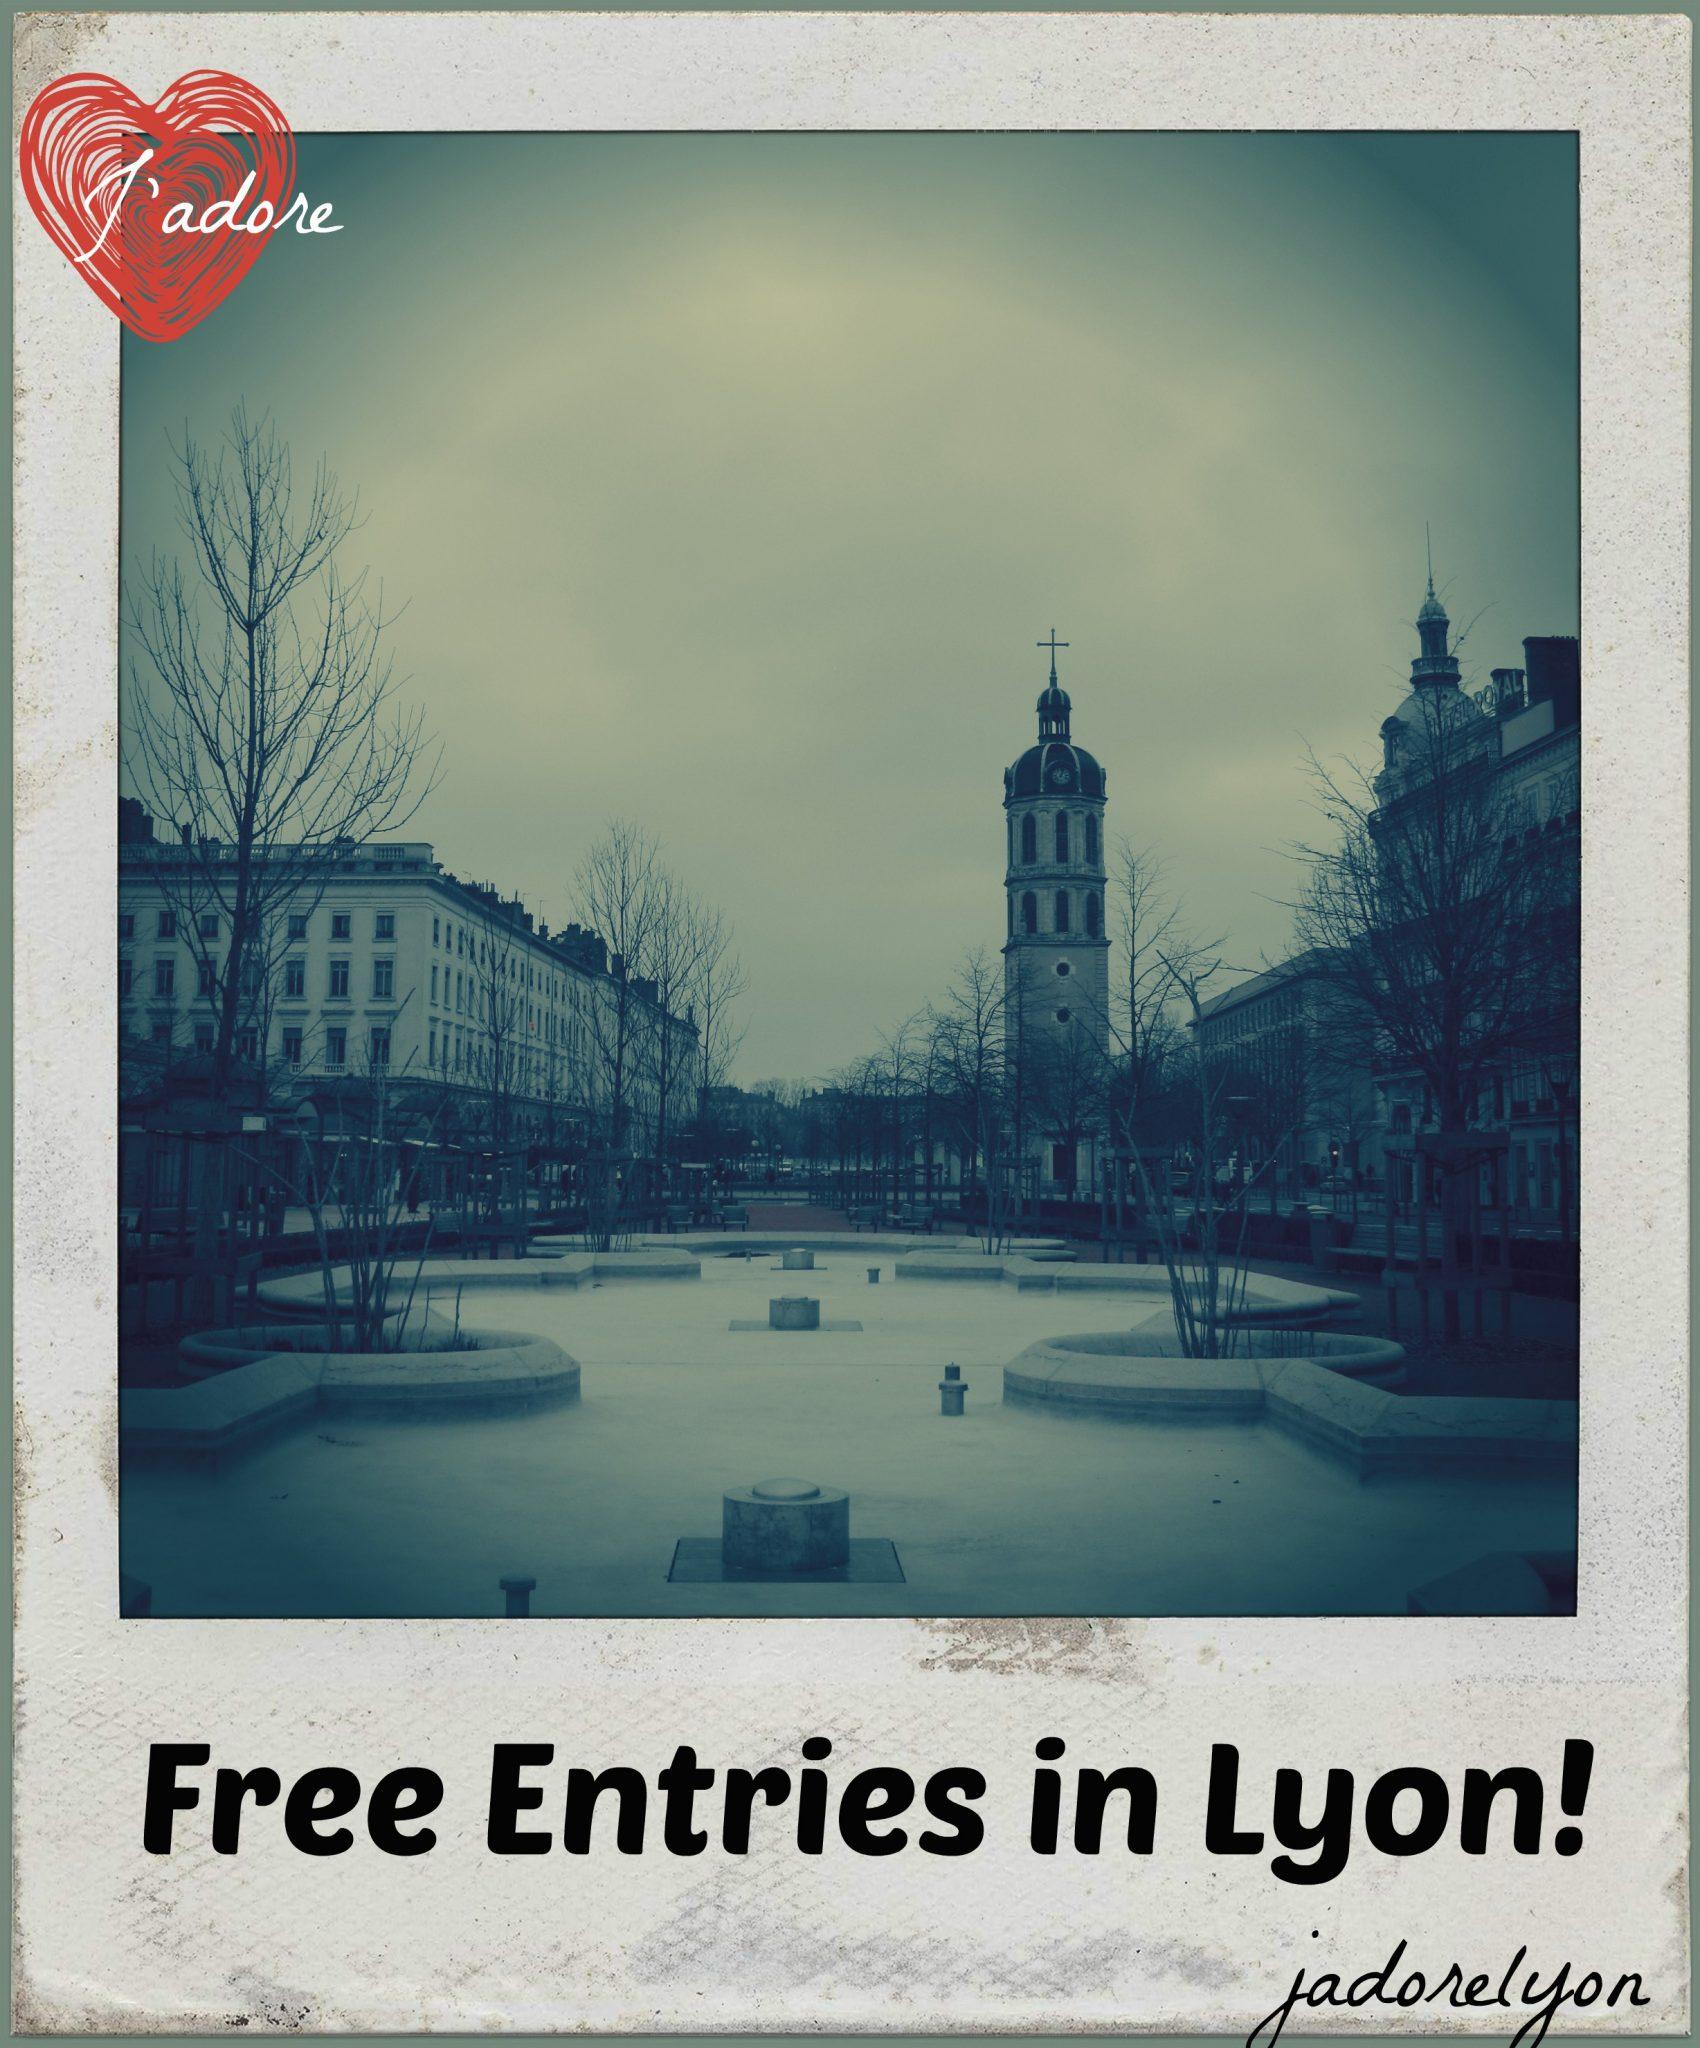 Free Entries in Lyon